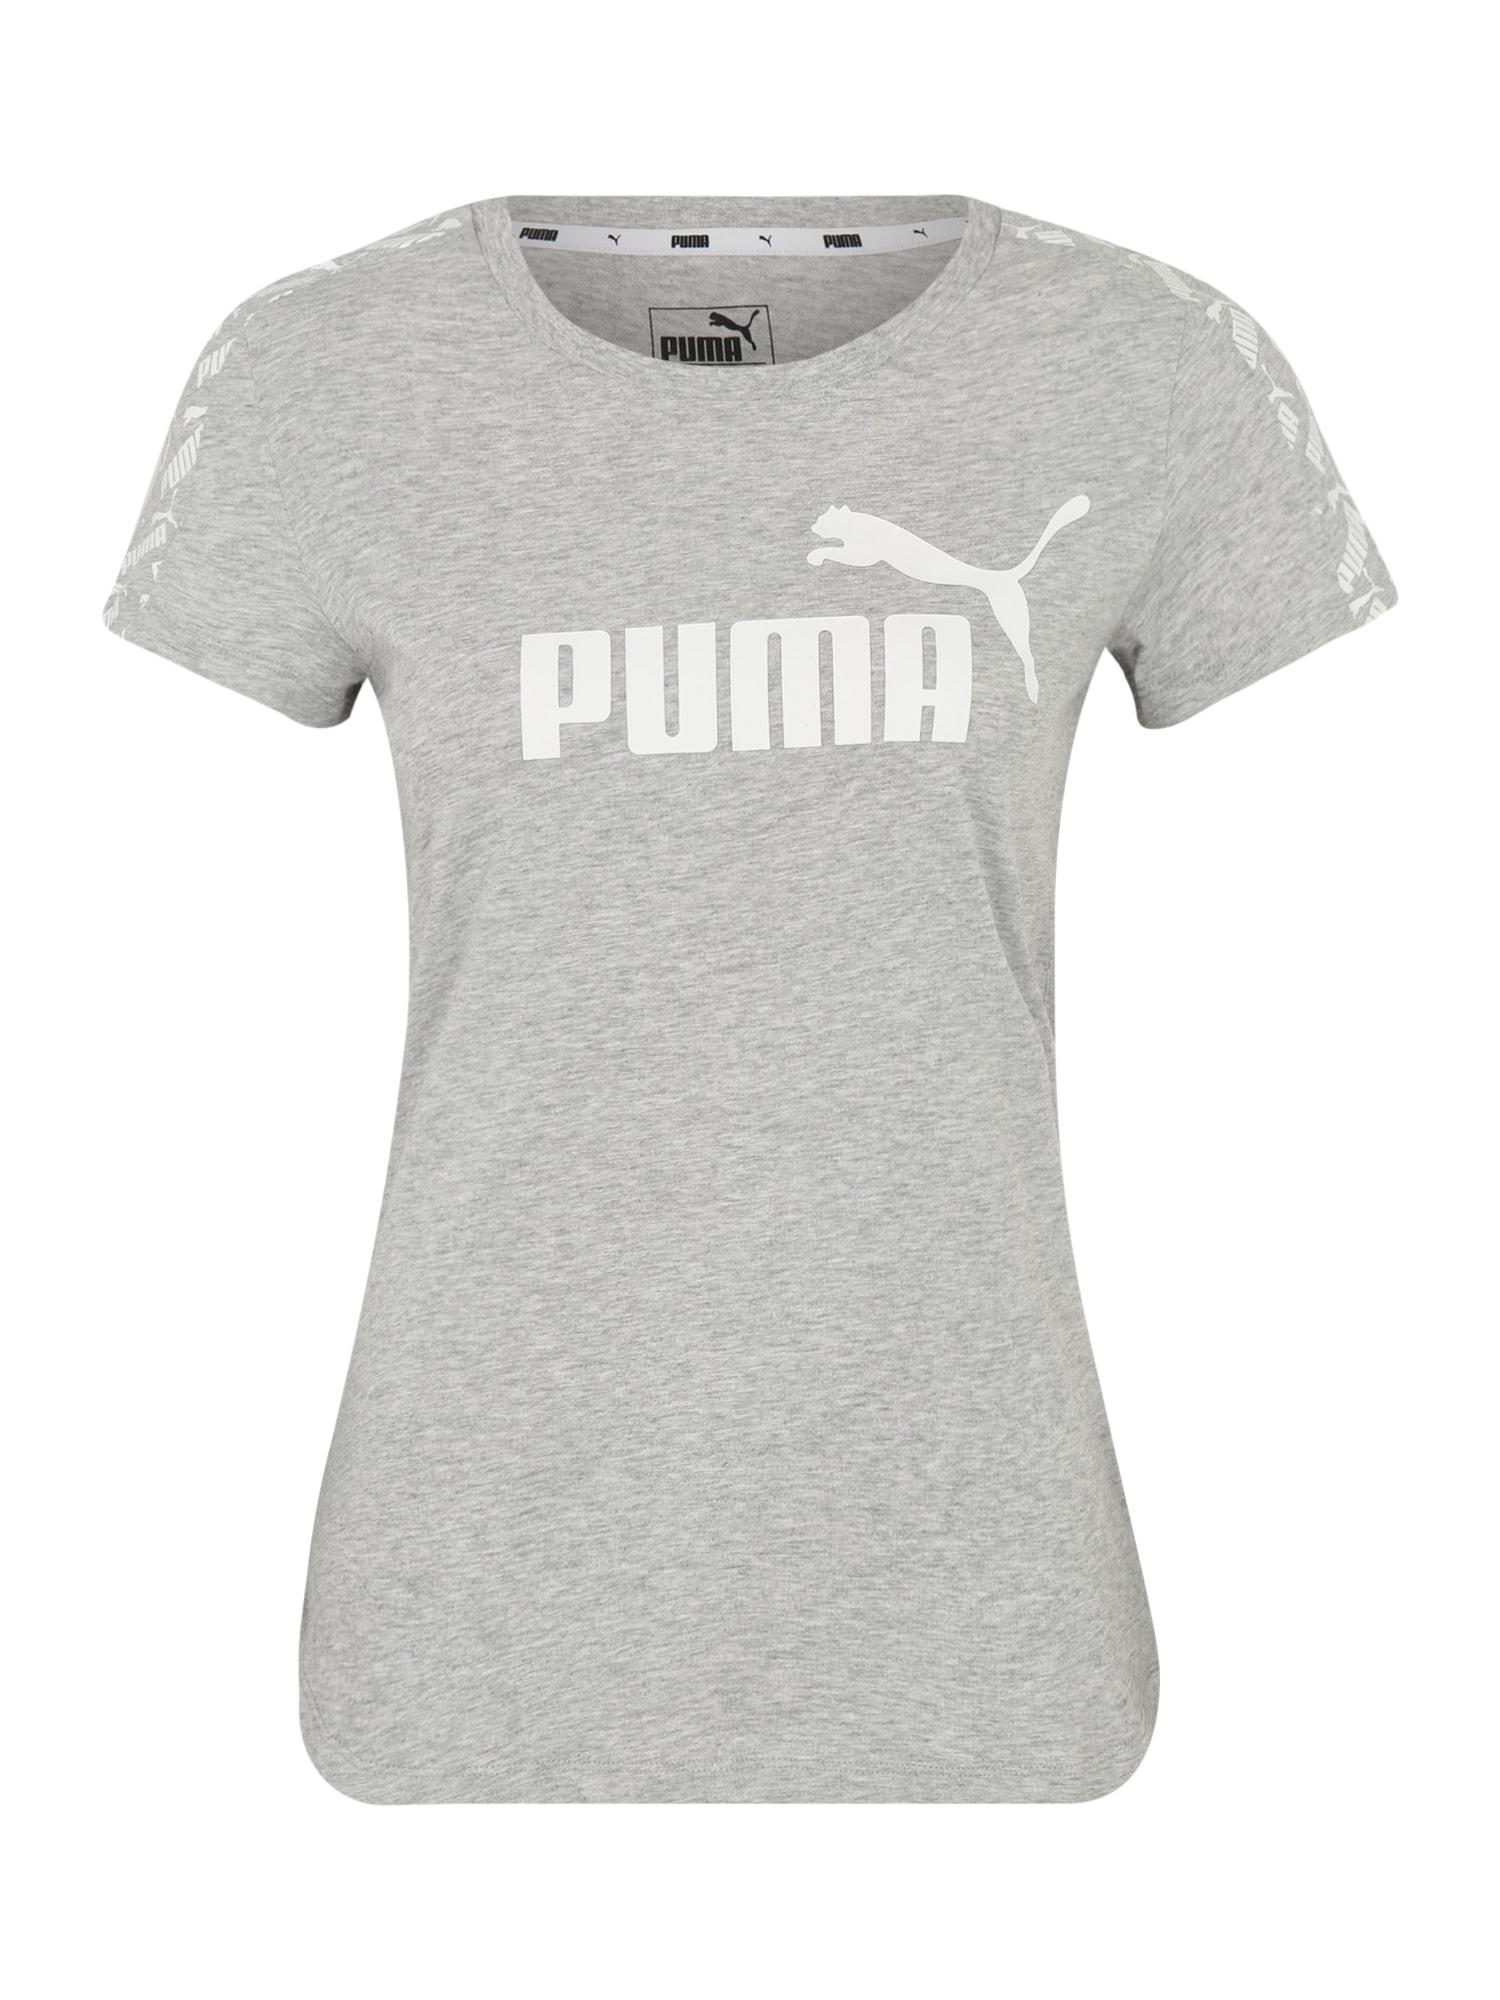 PUMA Sportiniai marškinėliai 'Amplified Tee' balta / šviesiai pilka